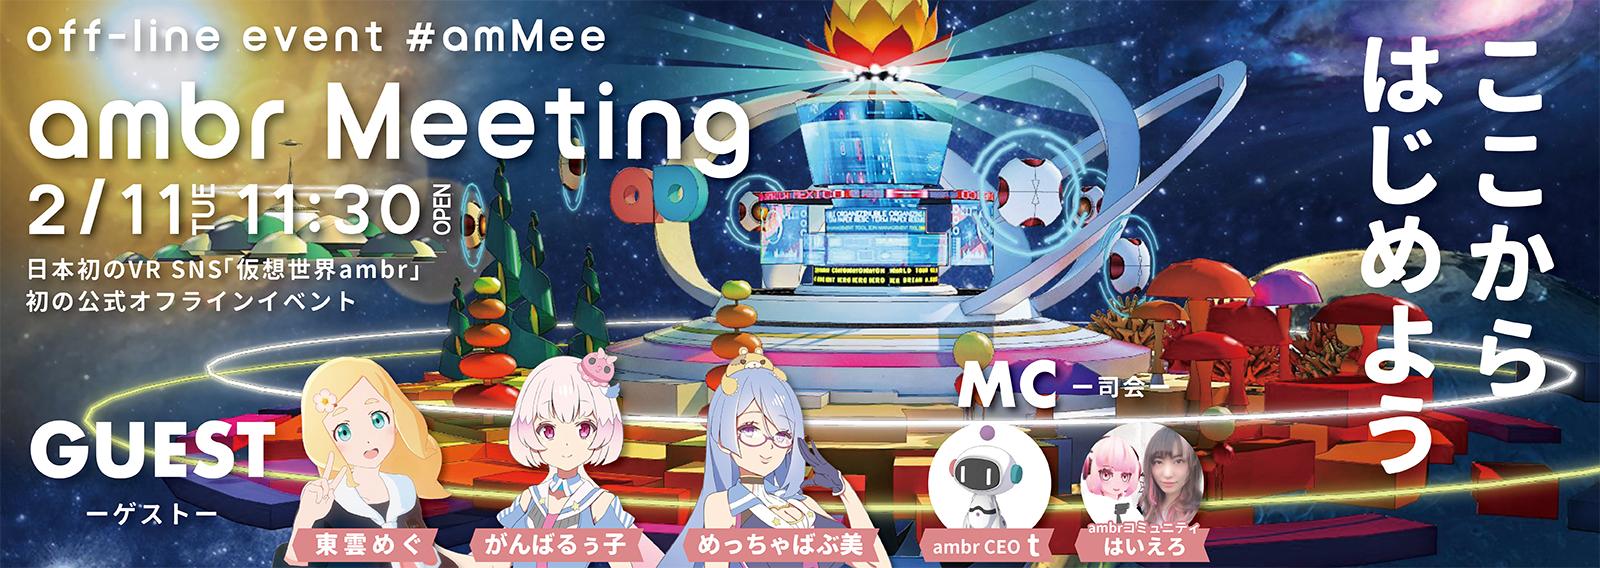 """日本初のVR SNS""""仮想世界ambr""""が、初のユーザーオフラインイベントを東京・下北沢で開催!"""